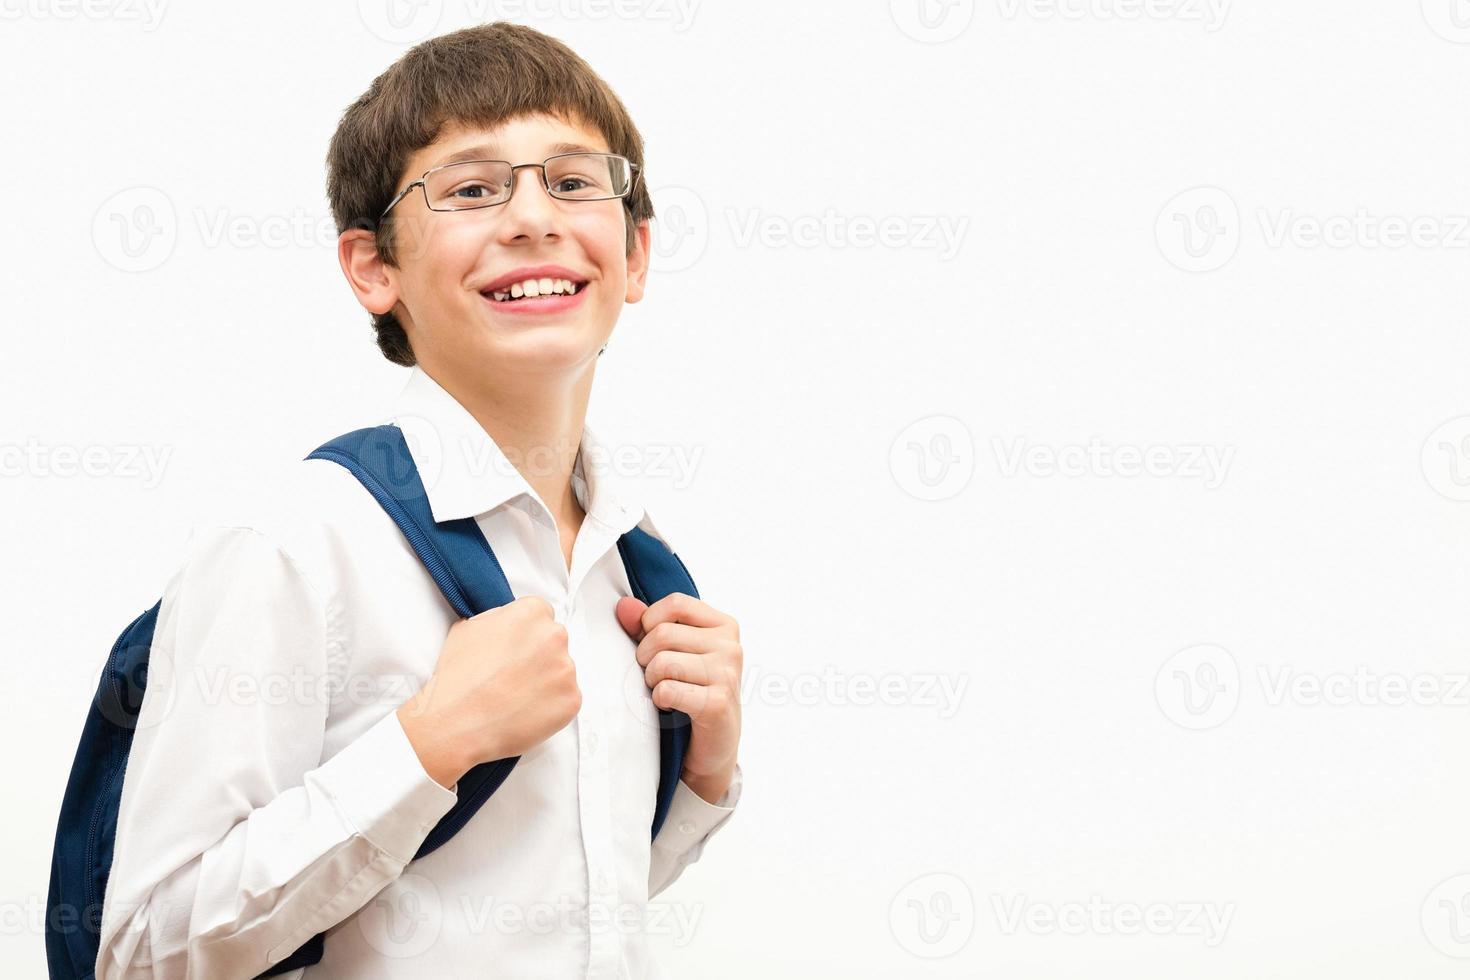 ritratto di uno scolaro felice foto